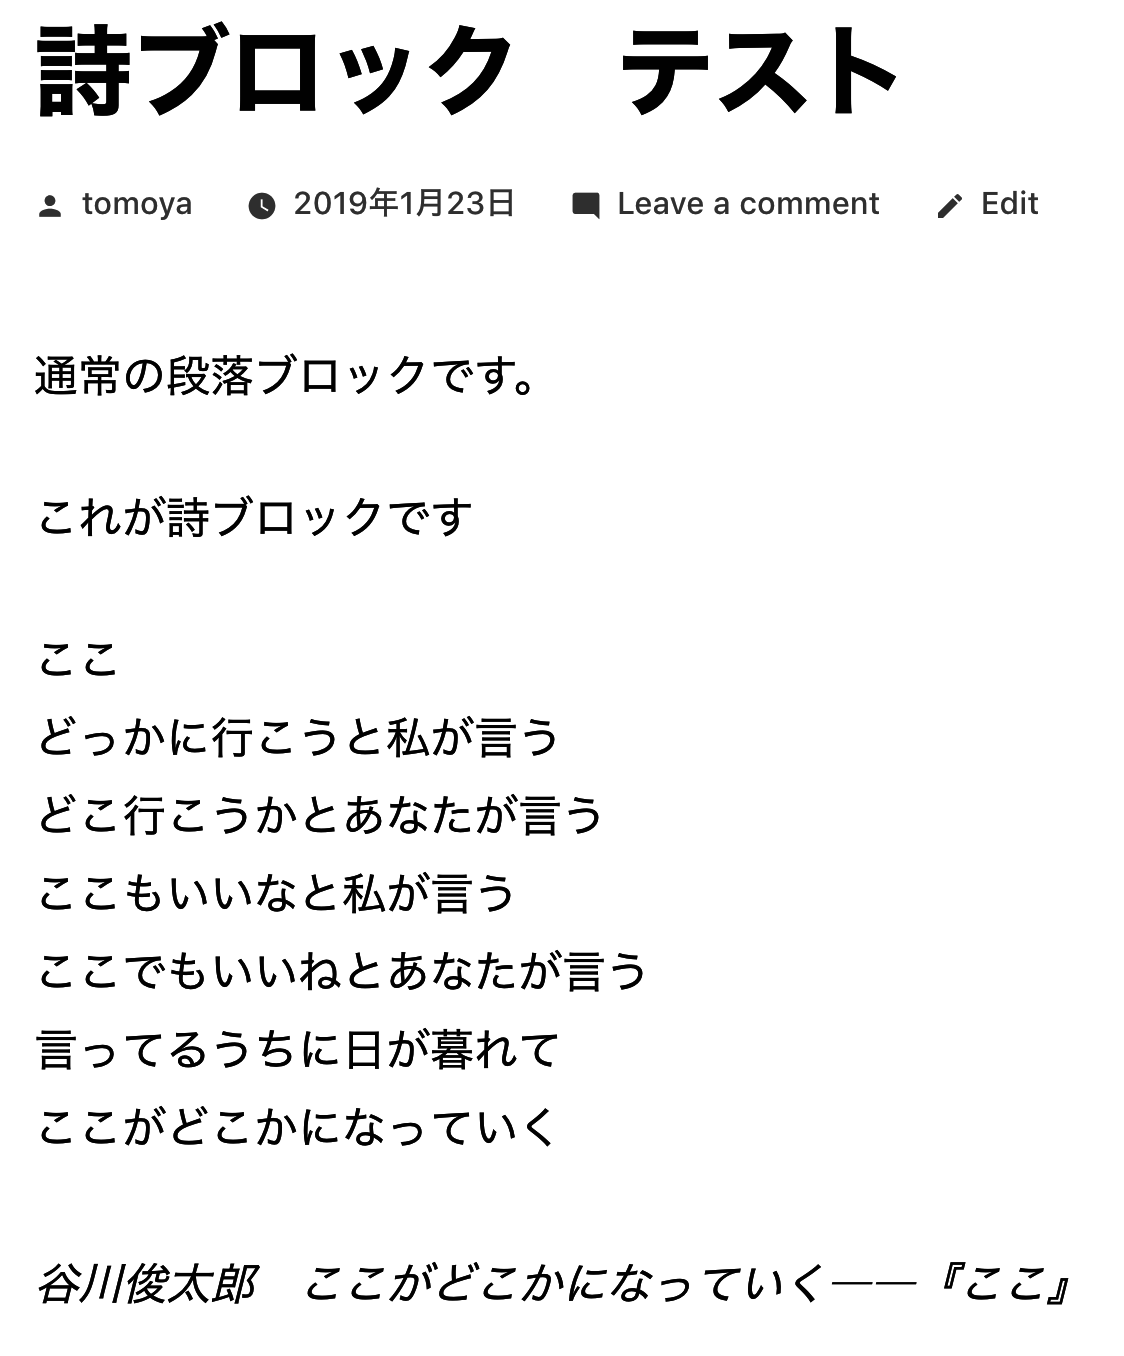 スクリーンショット 2019-01-23 20.29.37.png